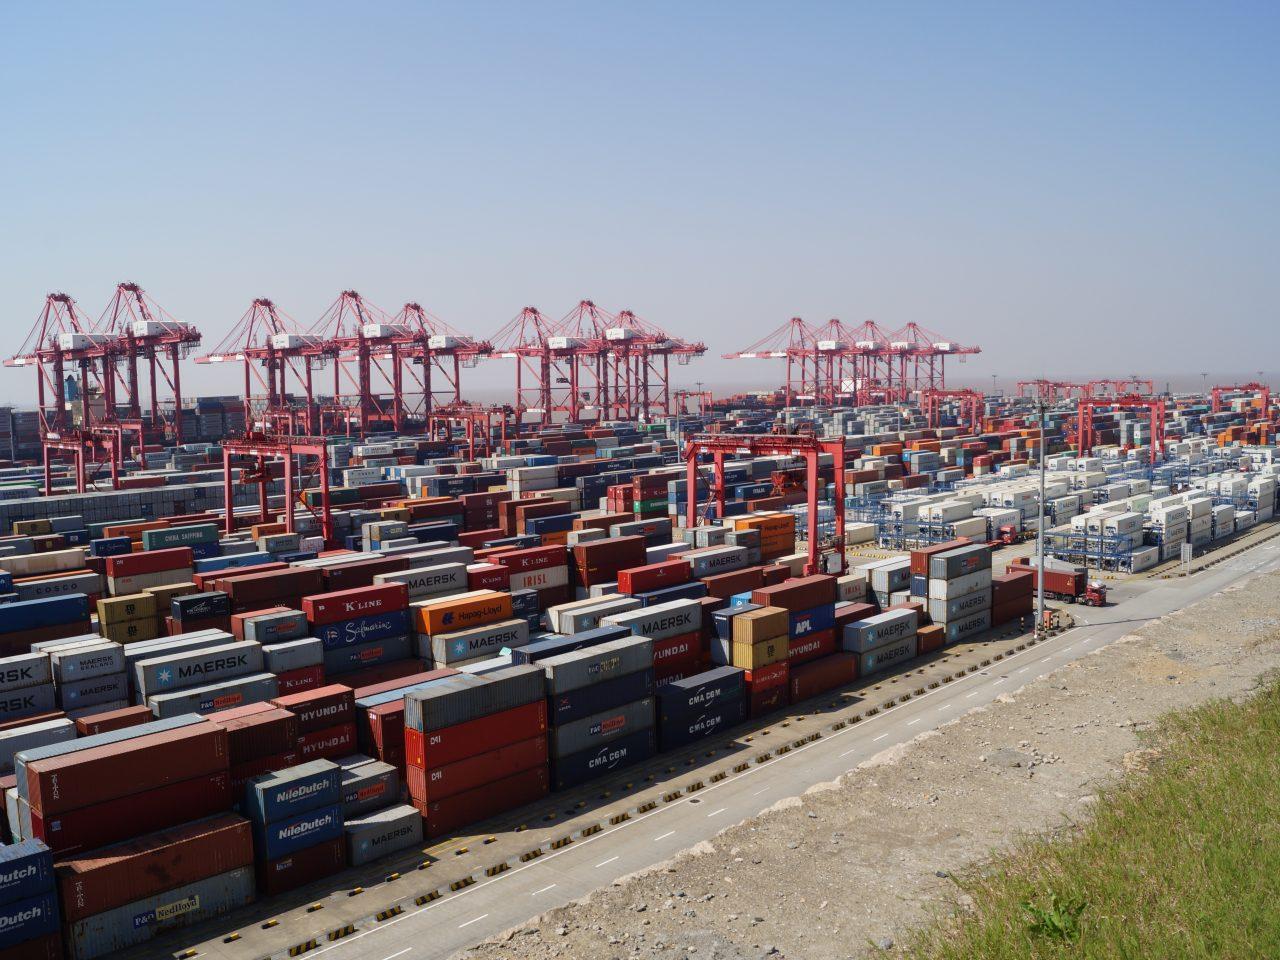 Billede af en masse containere, industri i Kina